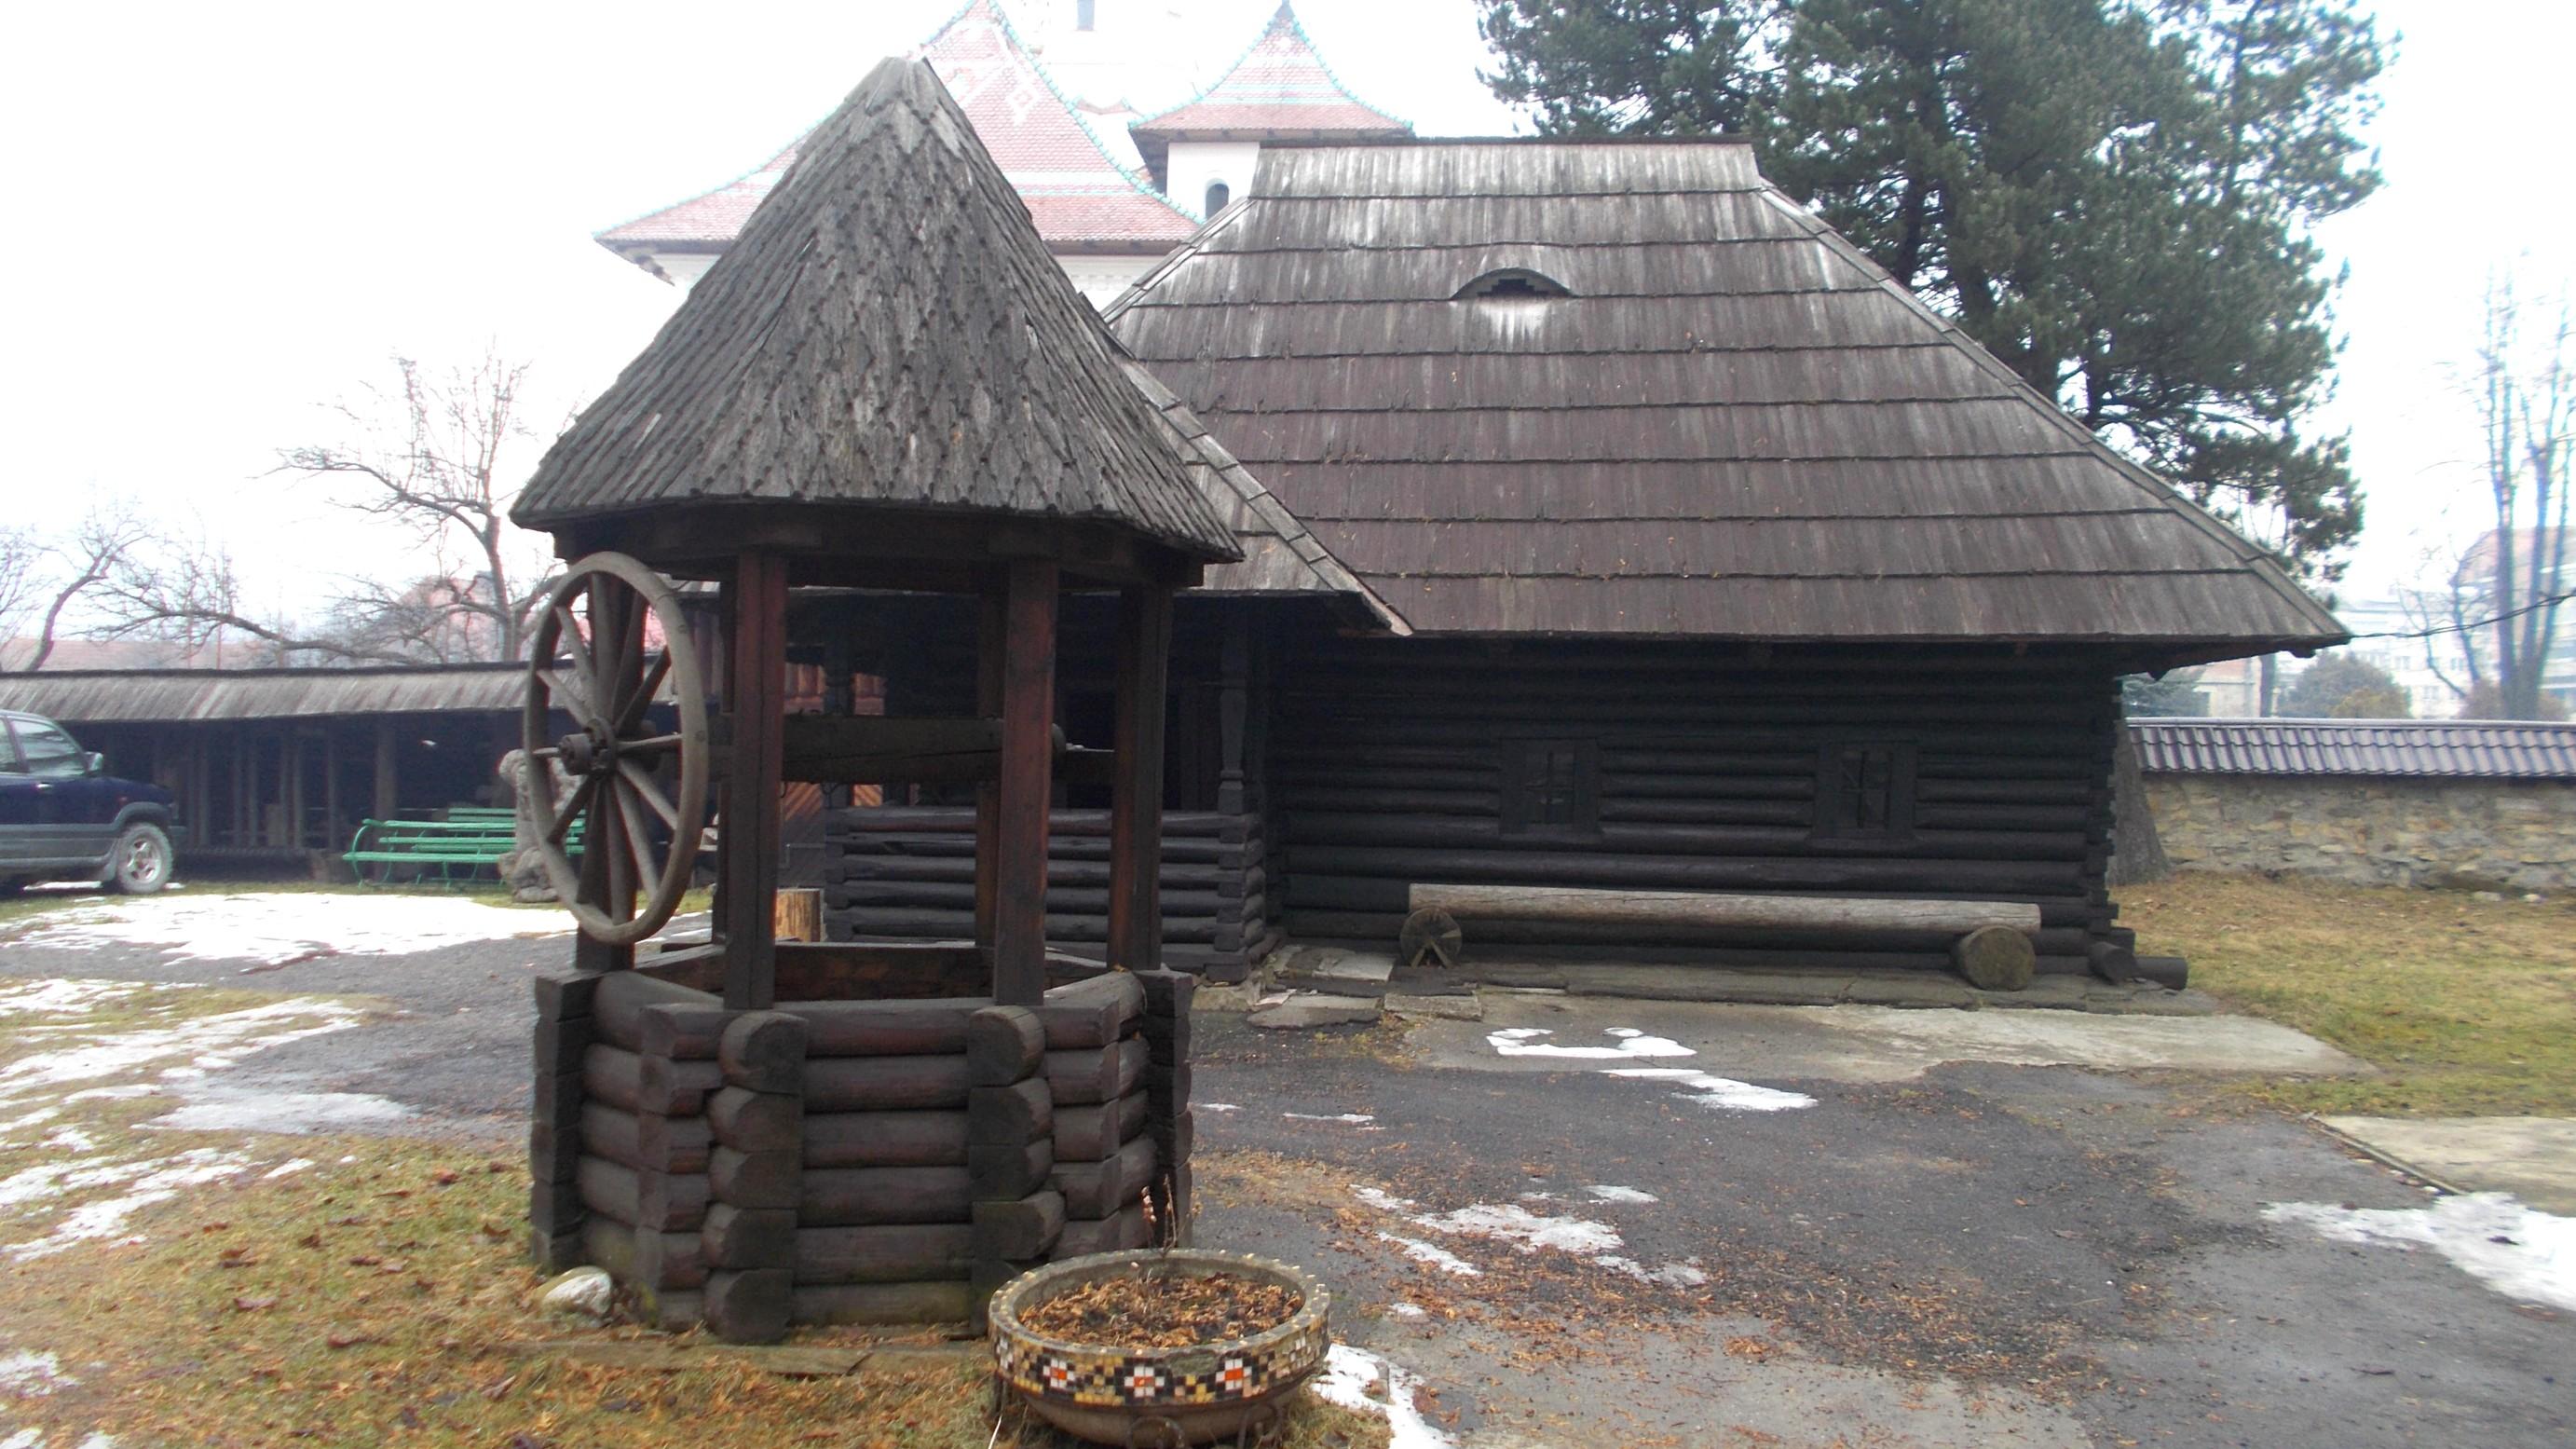 Fântână şi casă tradiţională muntenească